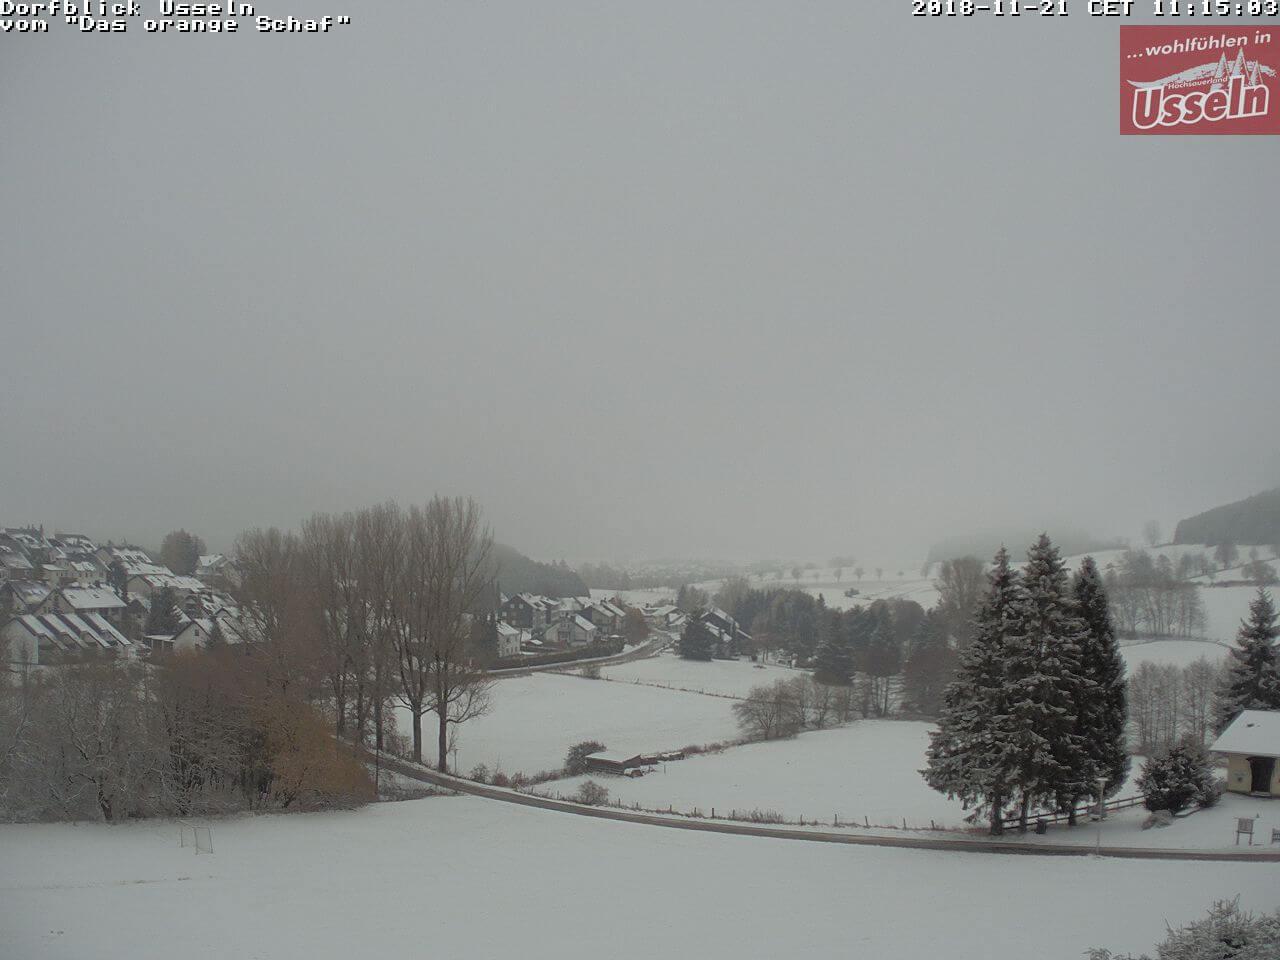 Schnee in Usseln